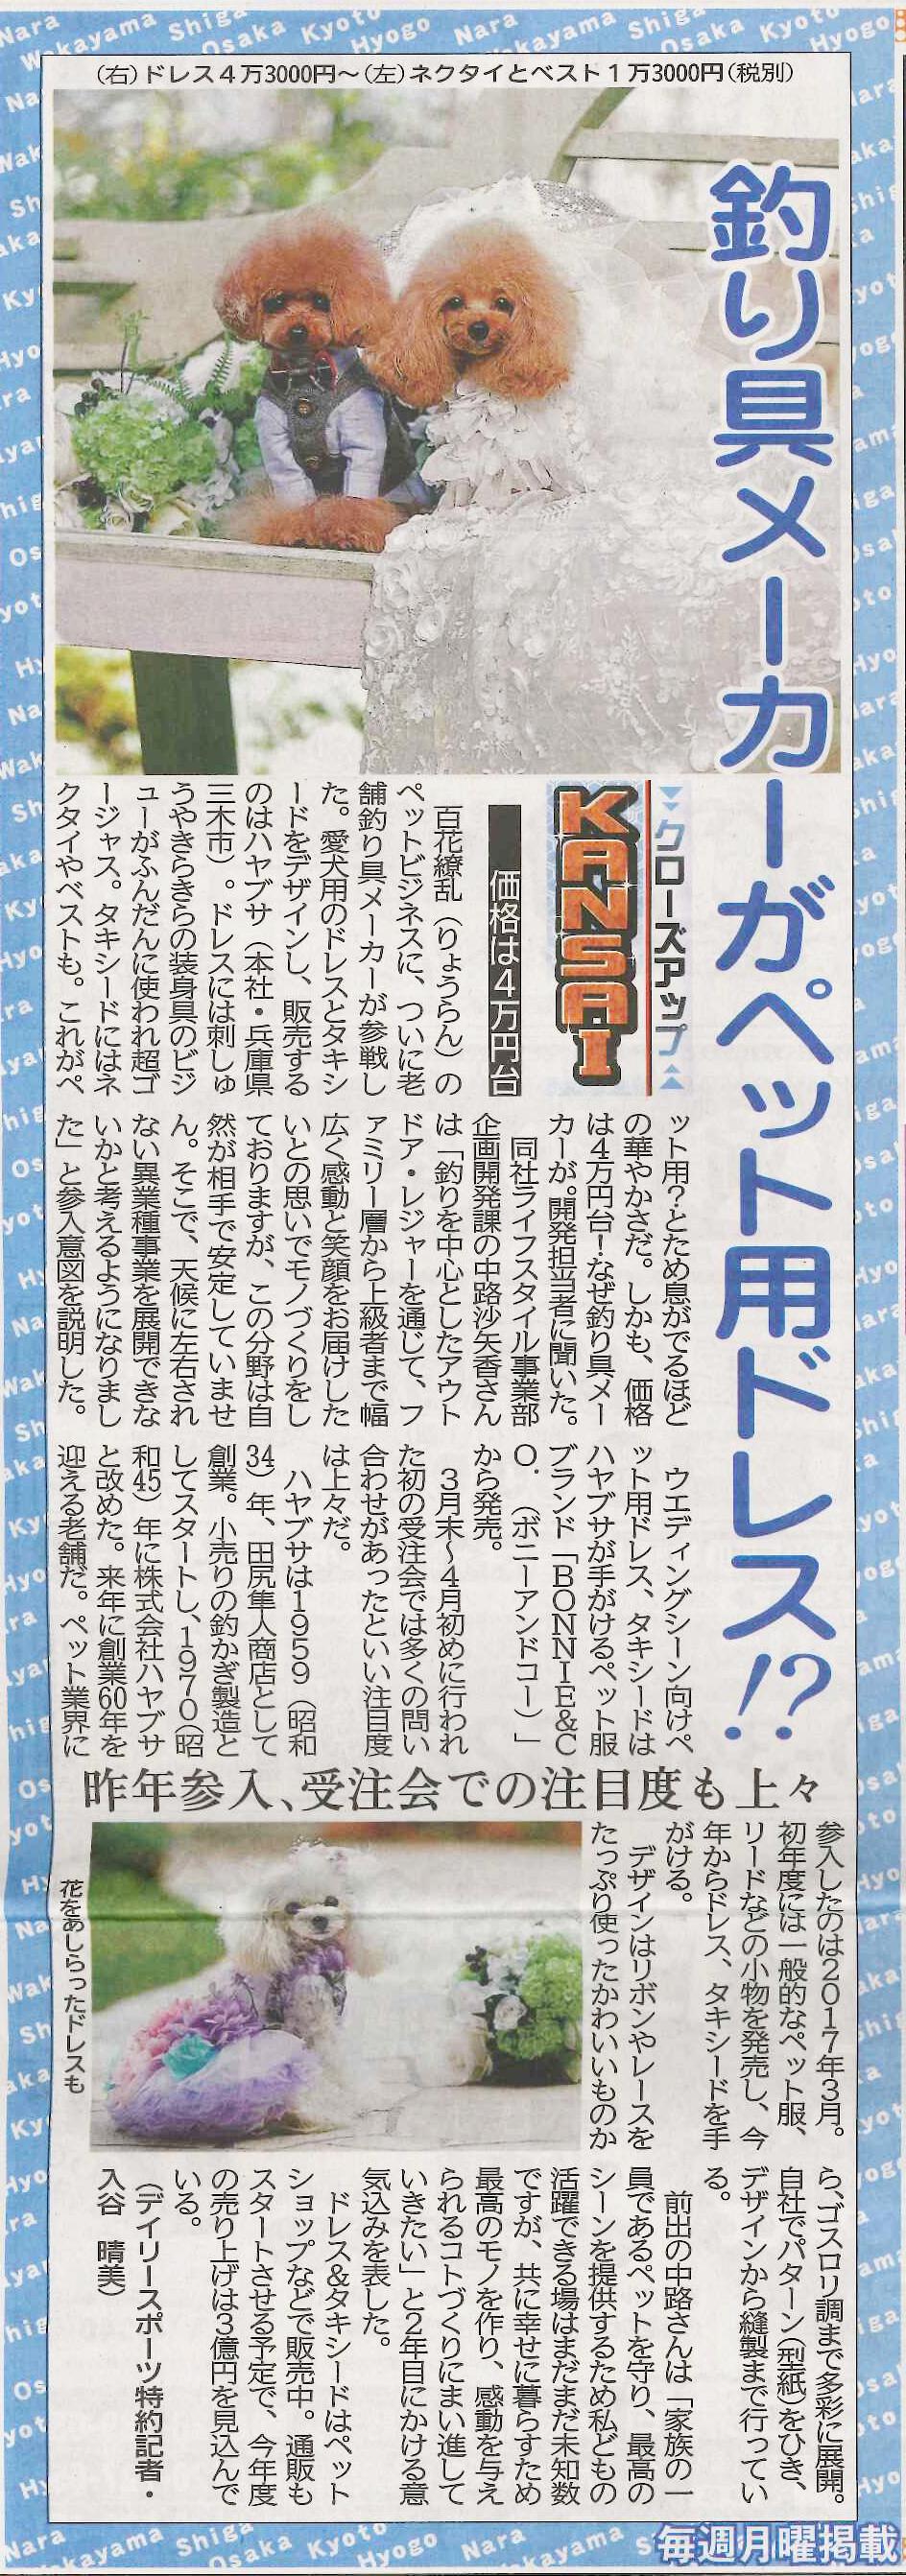 2018.5.14_デイリースポーツ紙面【BONNIE&Co.】